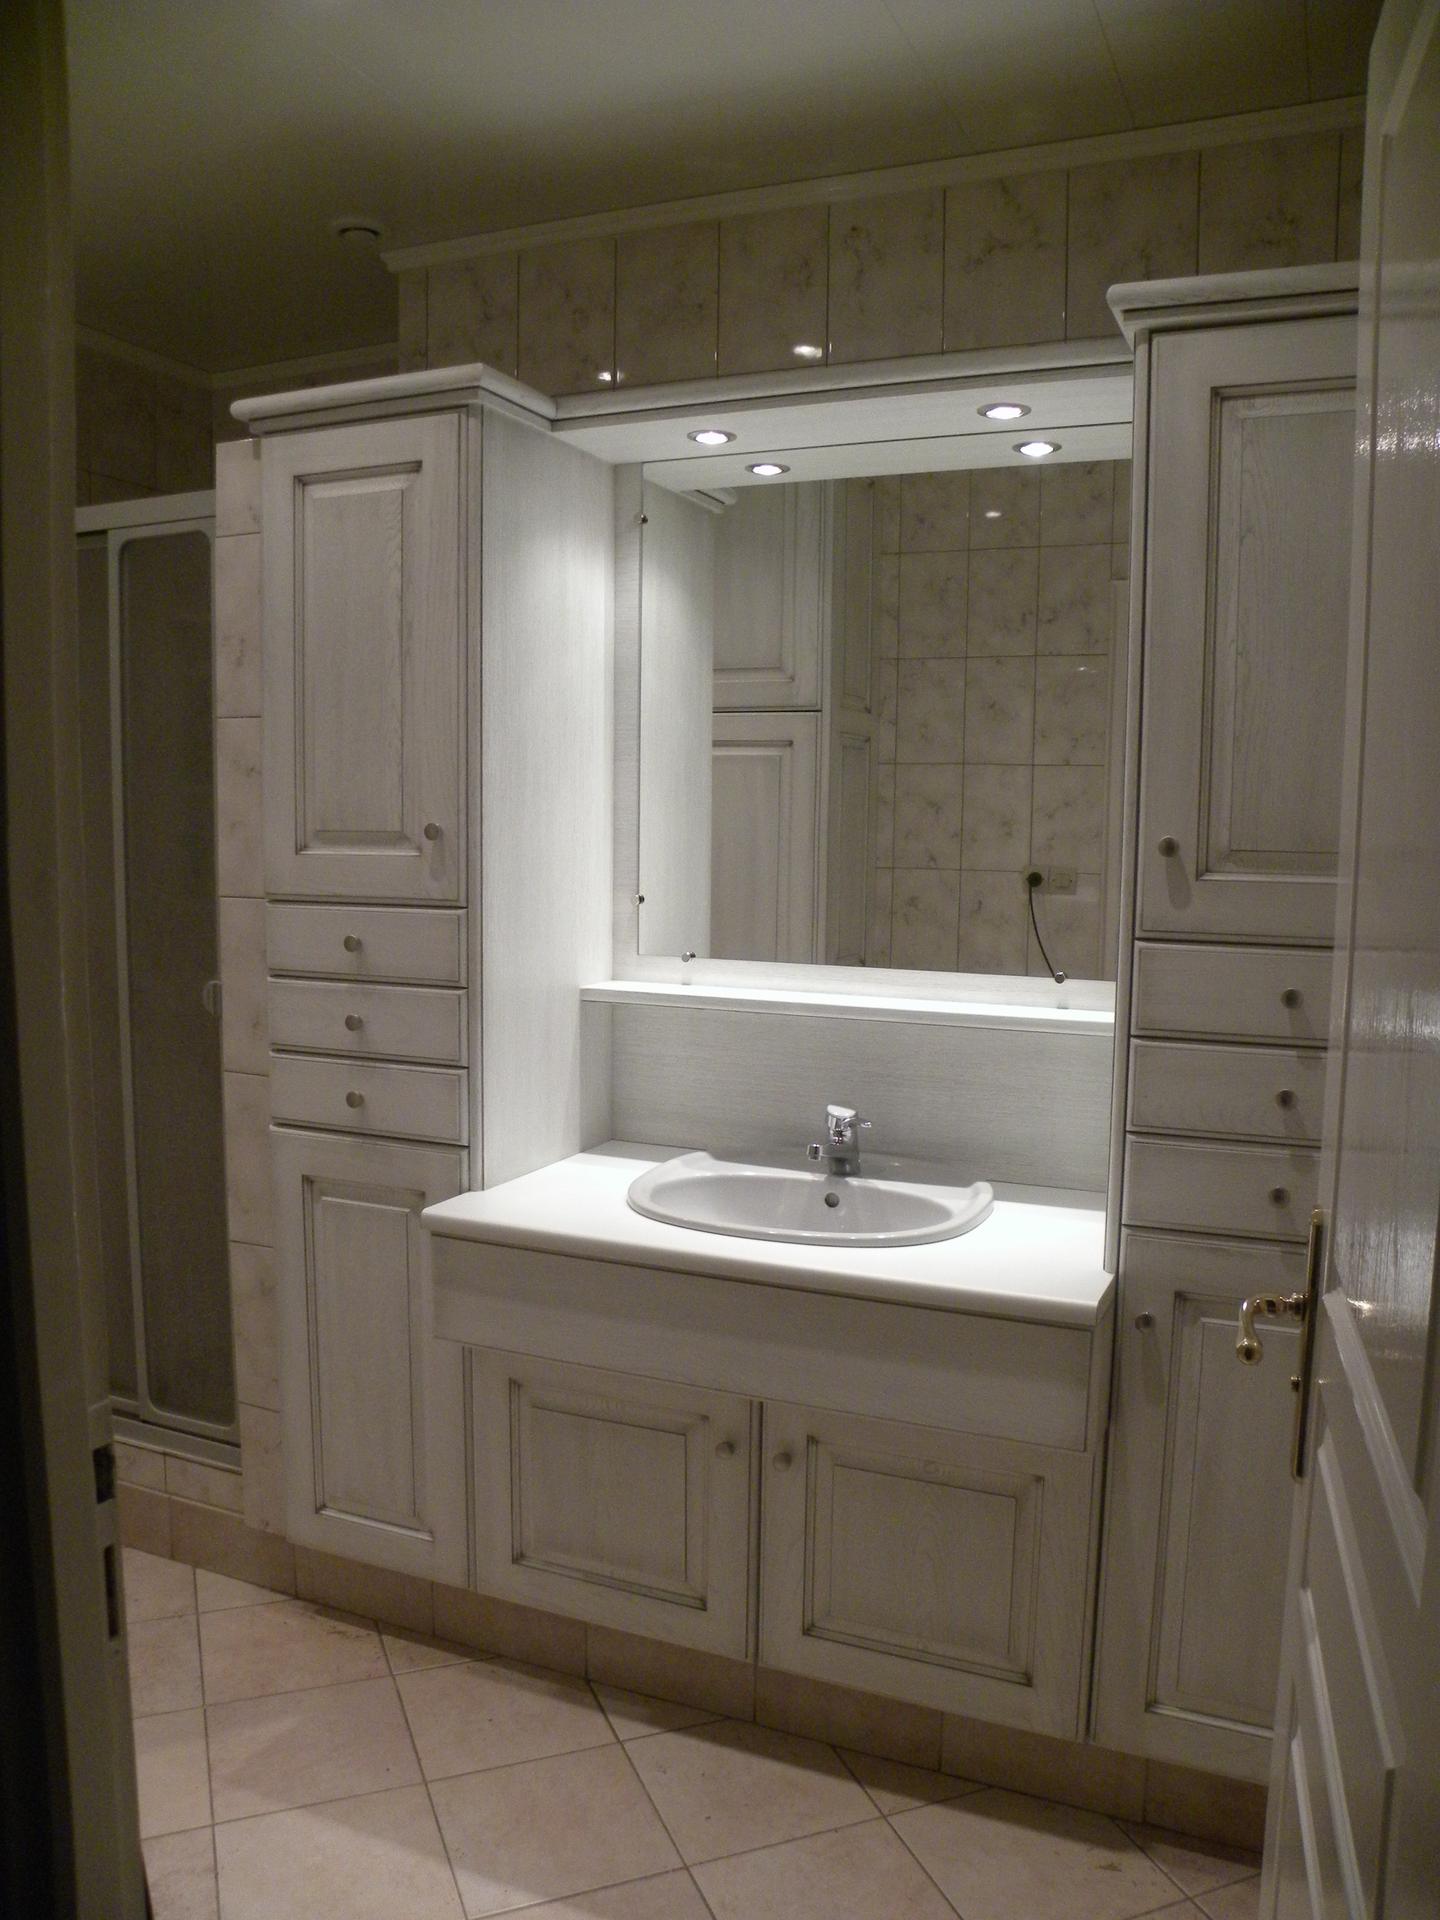 Salle de bains laqu e blanc patine grise for Colonne salle de bain grise laquee